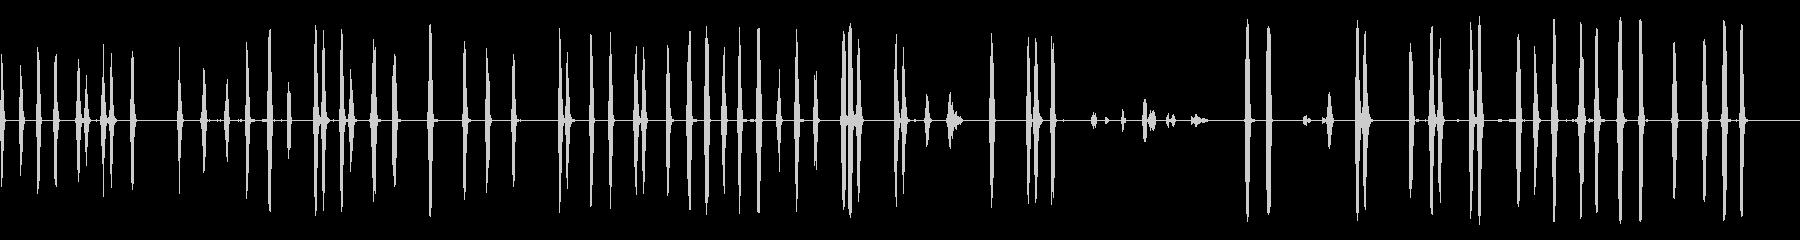 犬-樹皮3の未再生の波形